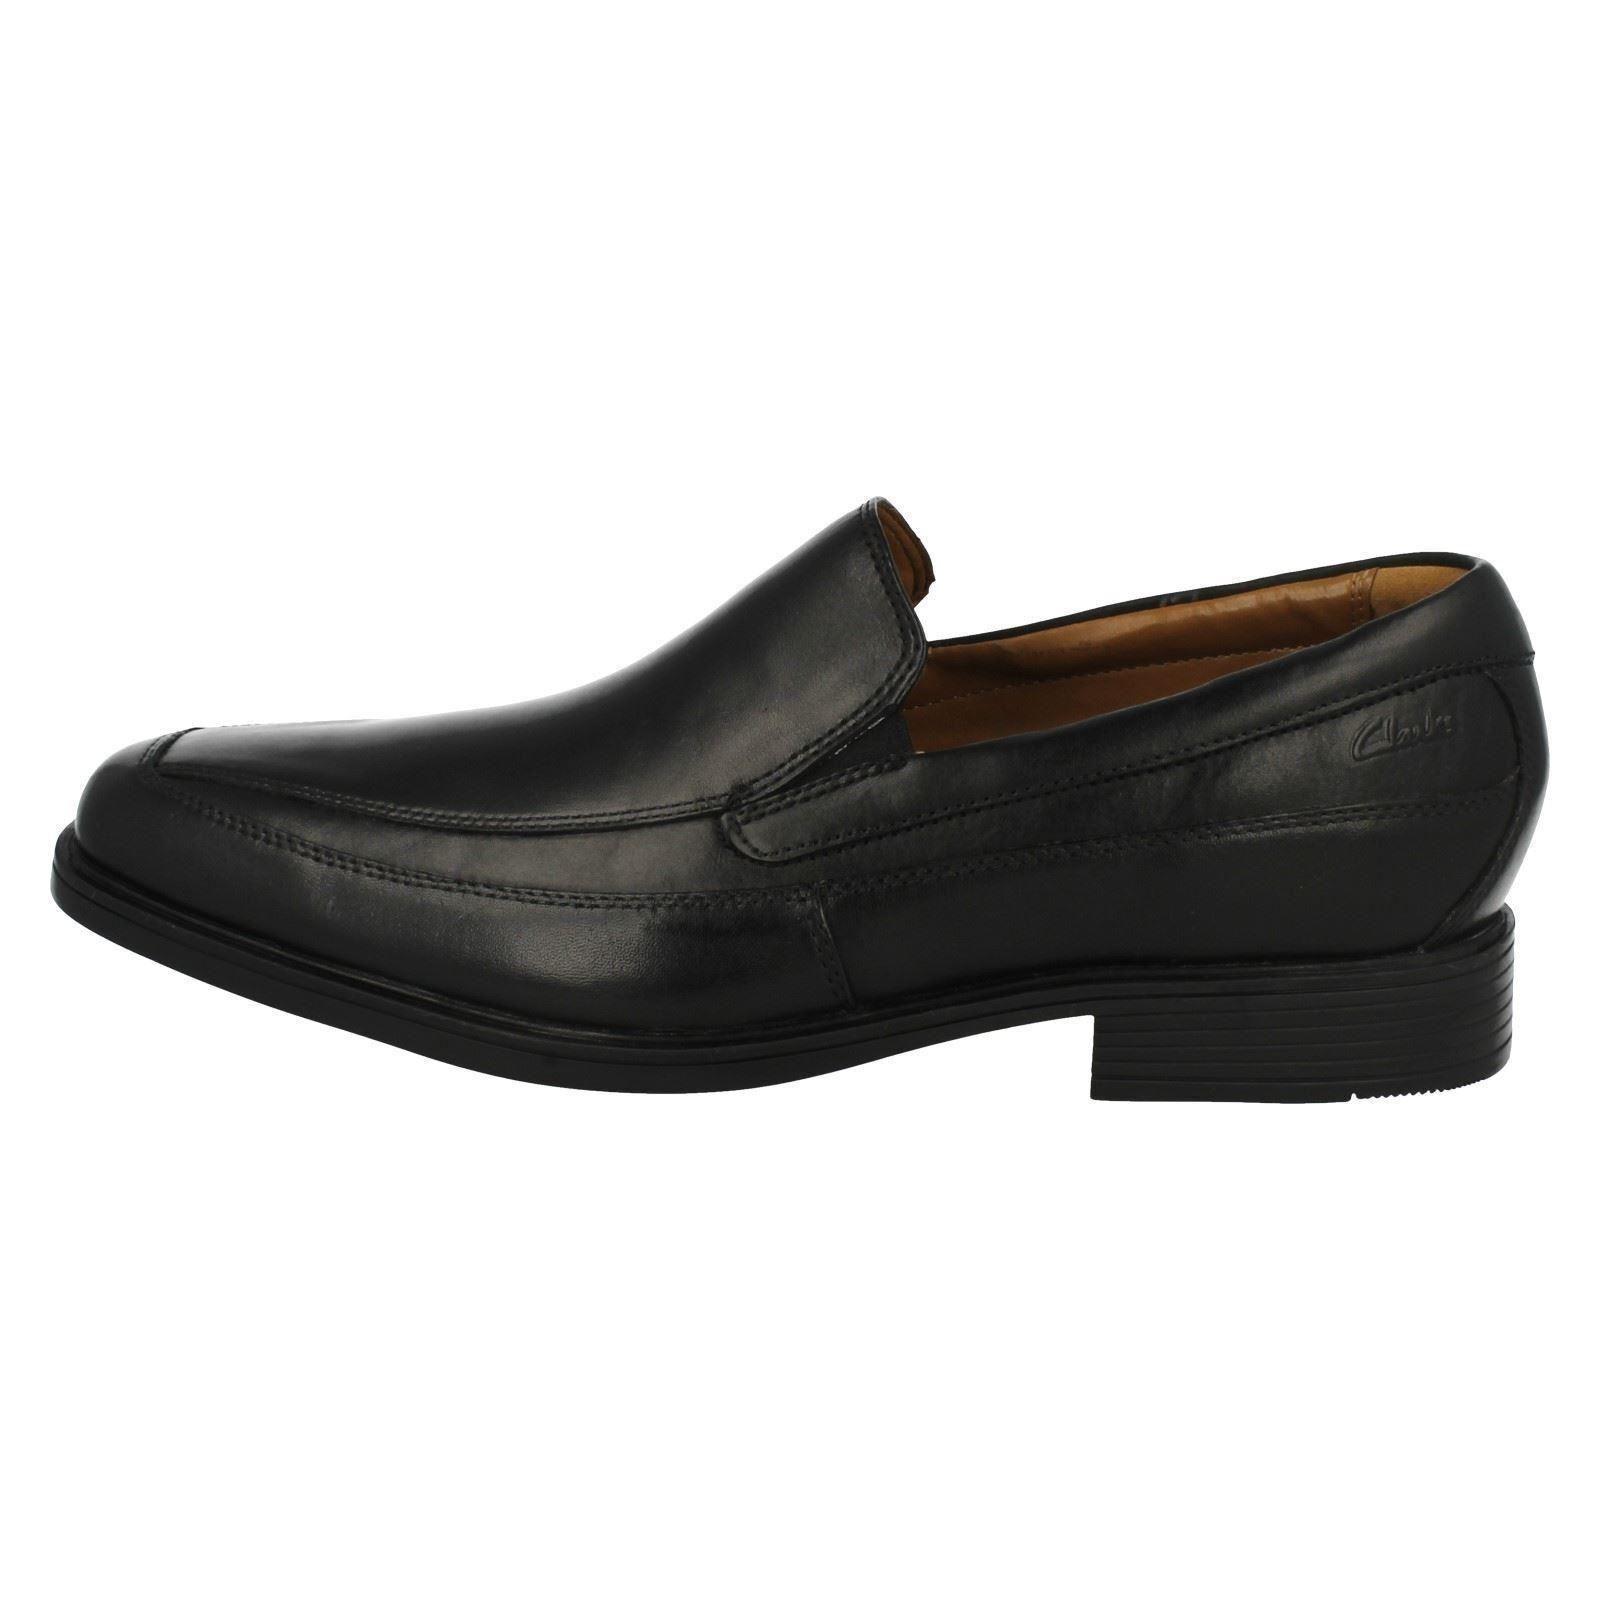 Hommes Clarks Noires à Enfiler Chaussures Tilden Gratuit Gratuit Gratuit | La Fabrication Habile  | Exquis (en) Exécution  | De Gagner Une Grande Admiration  dd3945